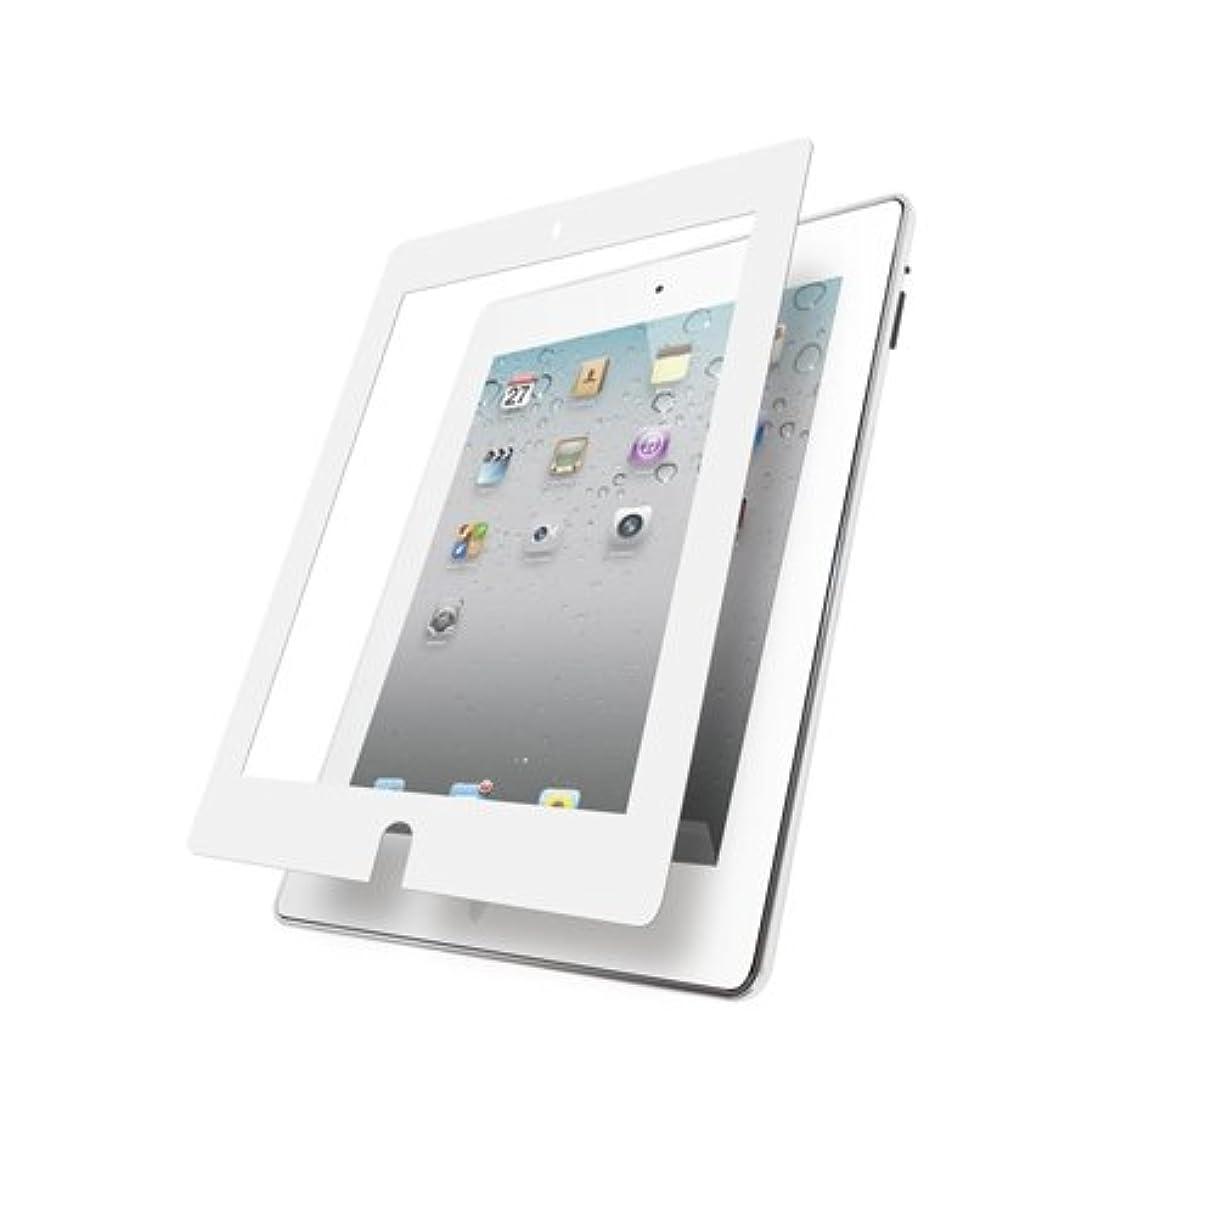 フィードオン背が高いトレースiBUFFALO iPad(Retinaディスプレイモデル対応) 【誰が貼っても気泡ができにくい】イージーフィット 反射防止 ホワイトBSEFIPD12WH